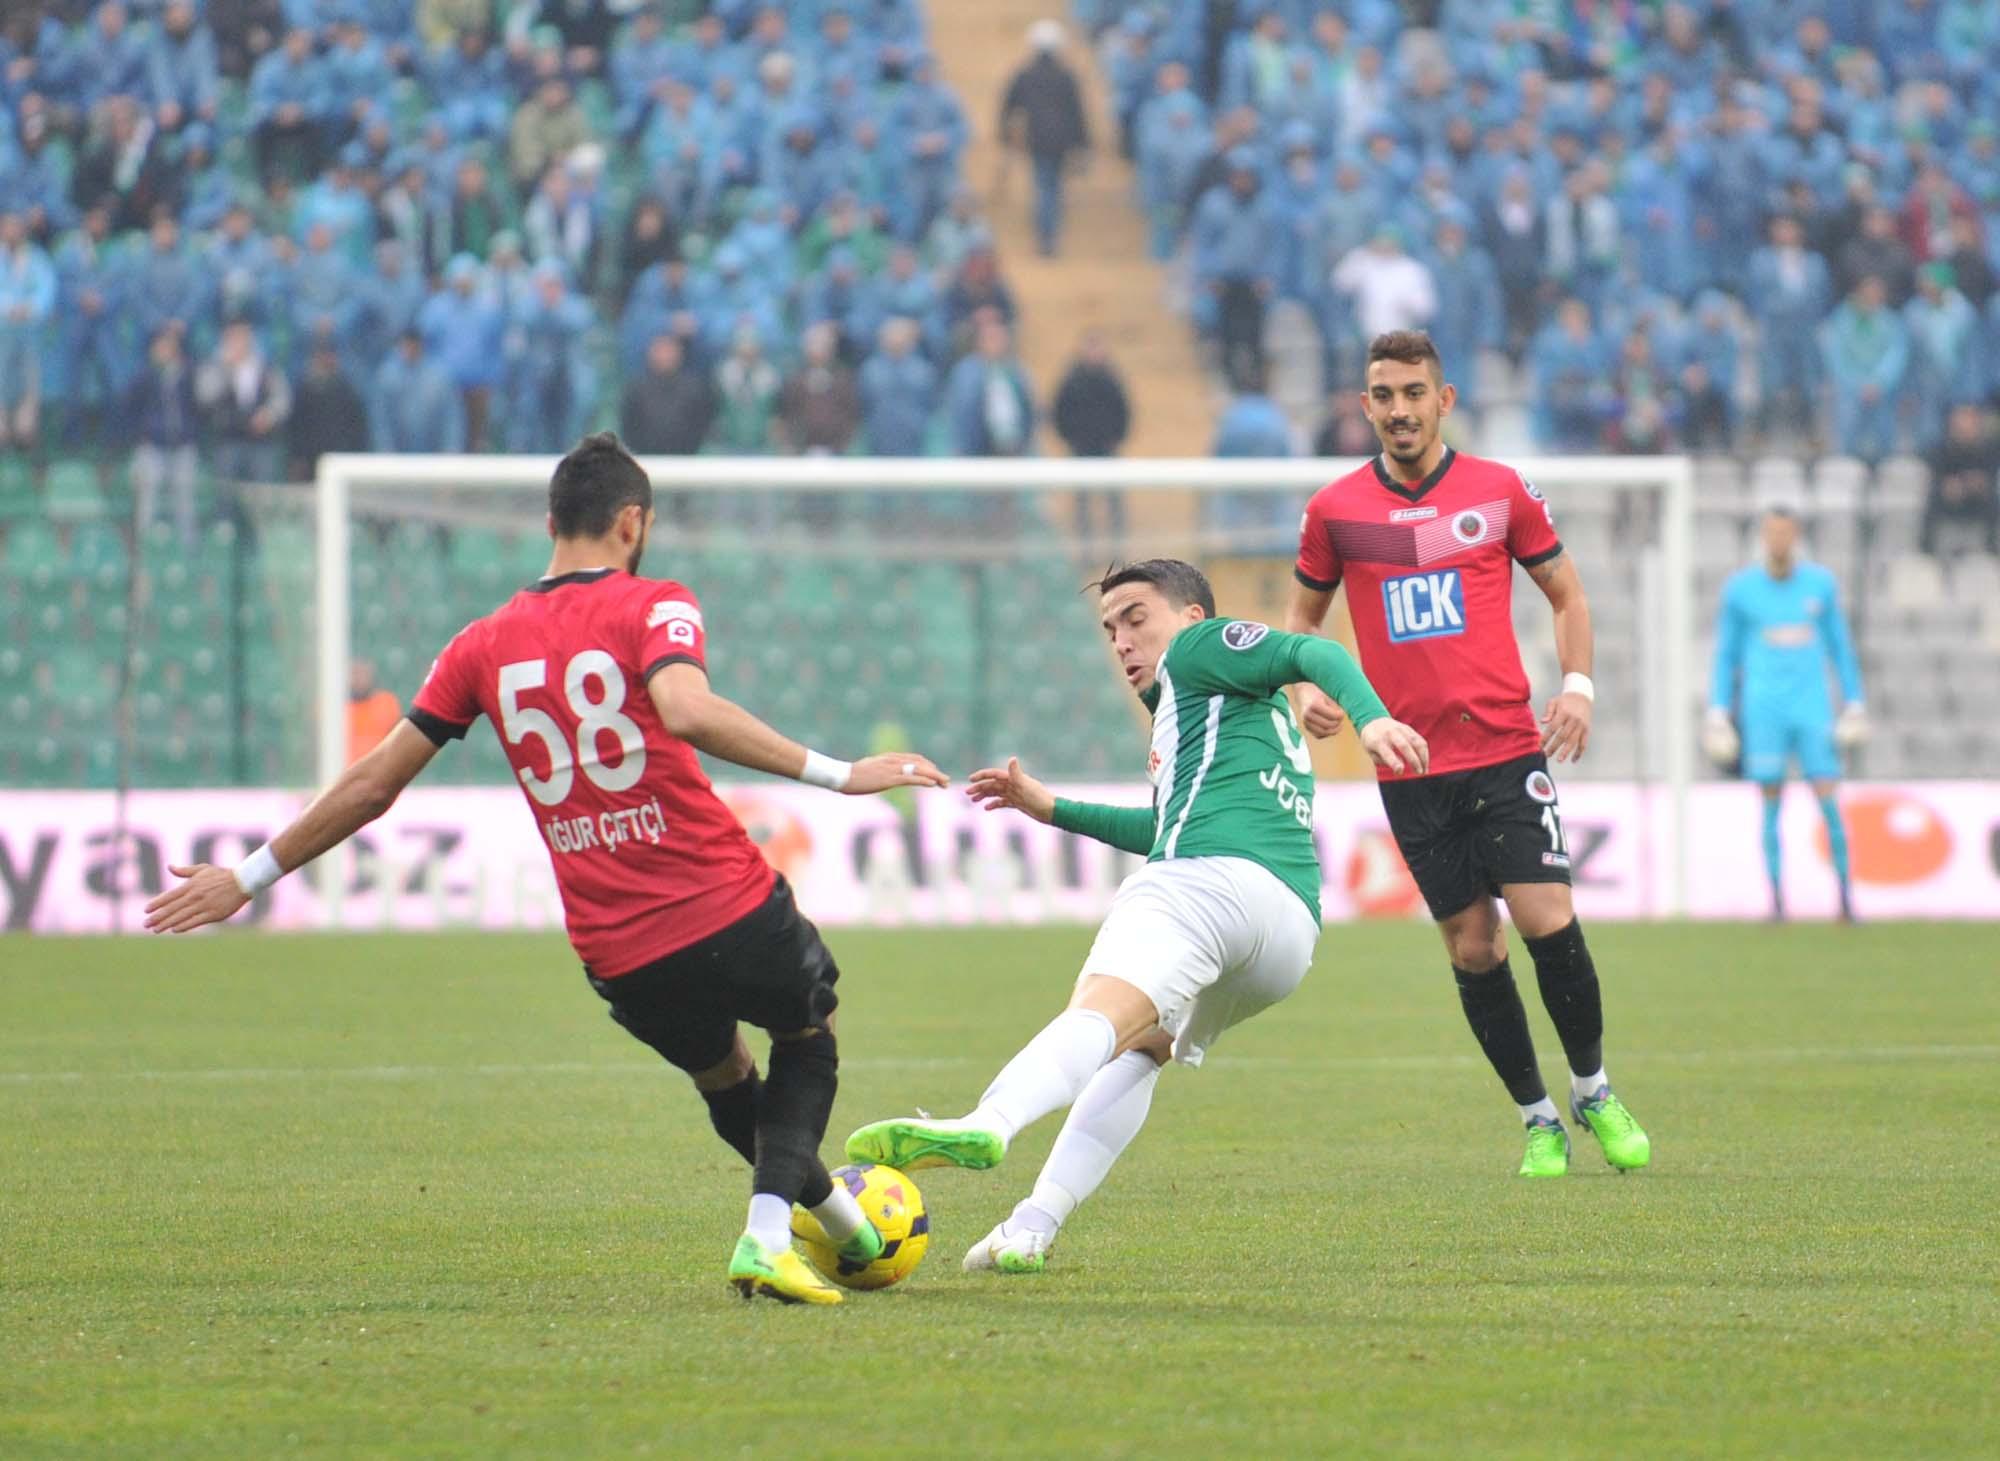 Bursaspor - Gençlerbirliği 4